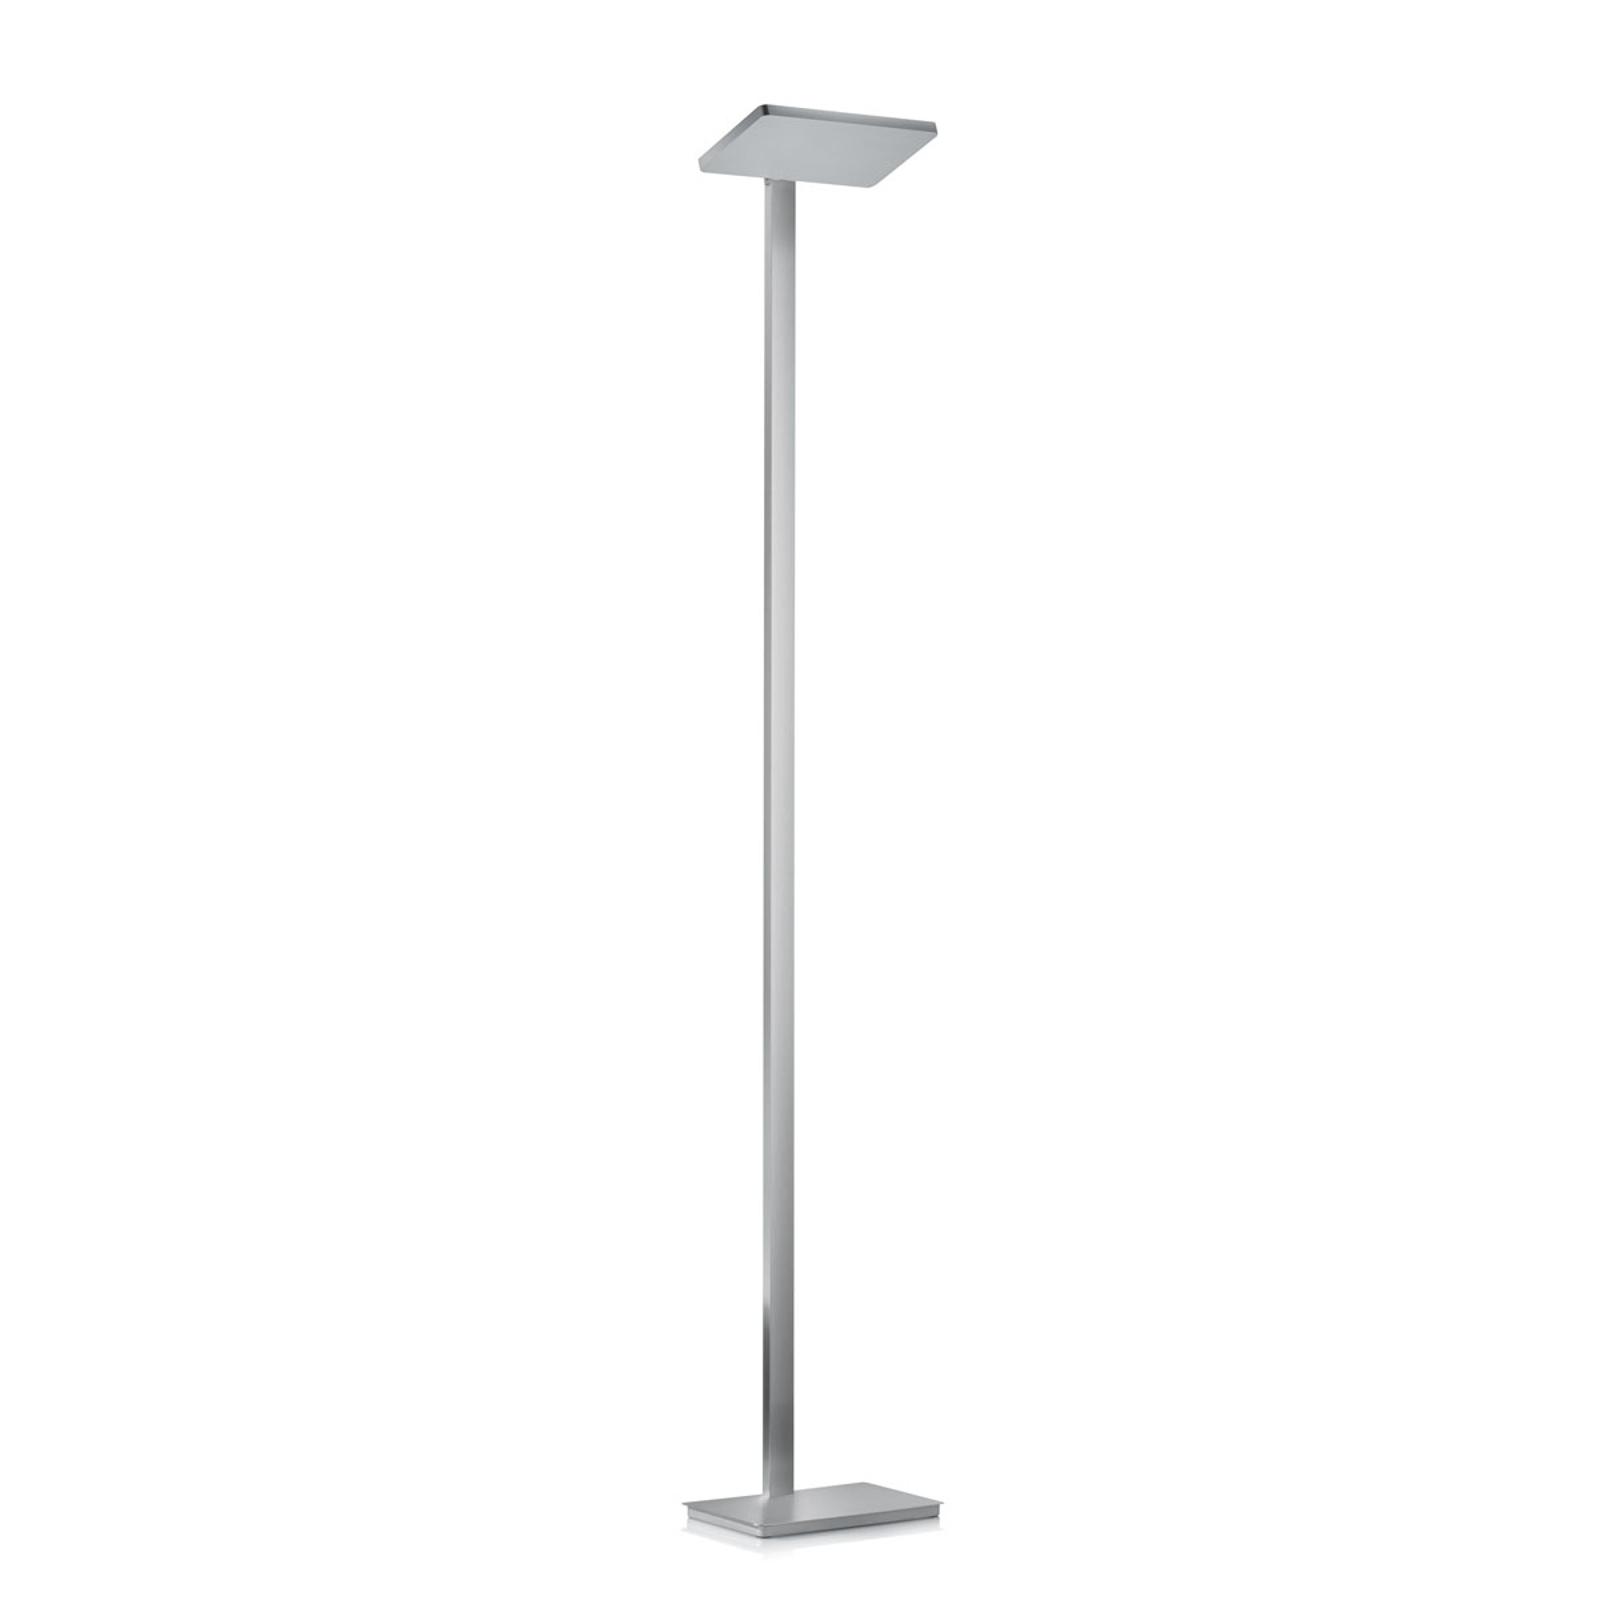 Moderne LED vloerlamp Geri in matnikkel